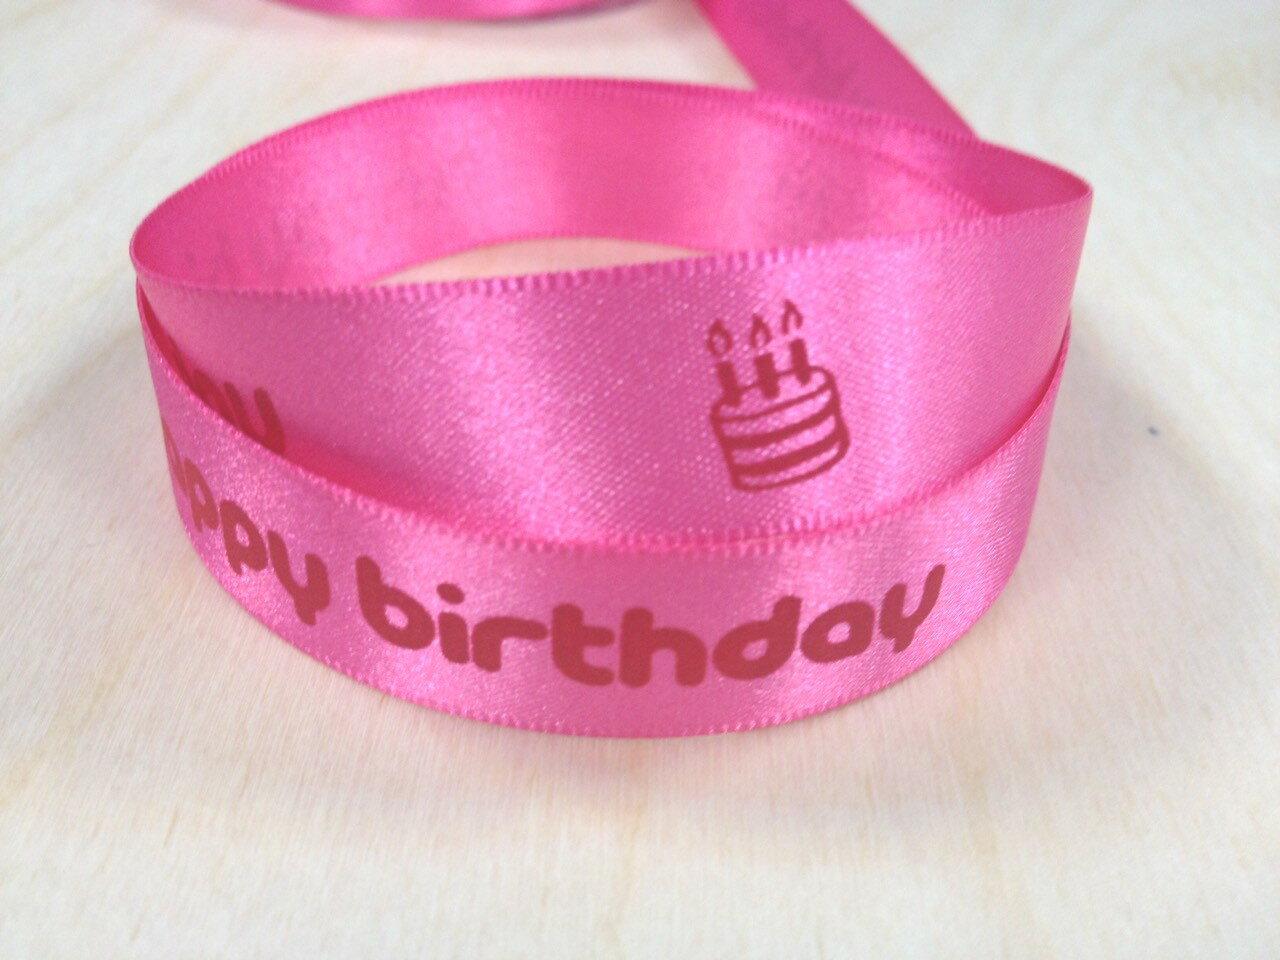 雙面緞緞帶生日快樂-許願蛋糕 15mm 3碼 (10色) 8